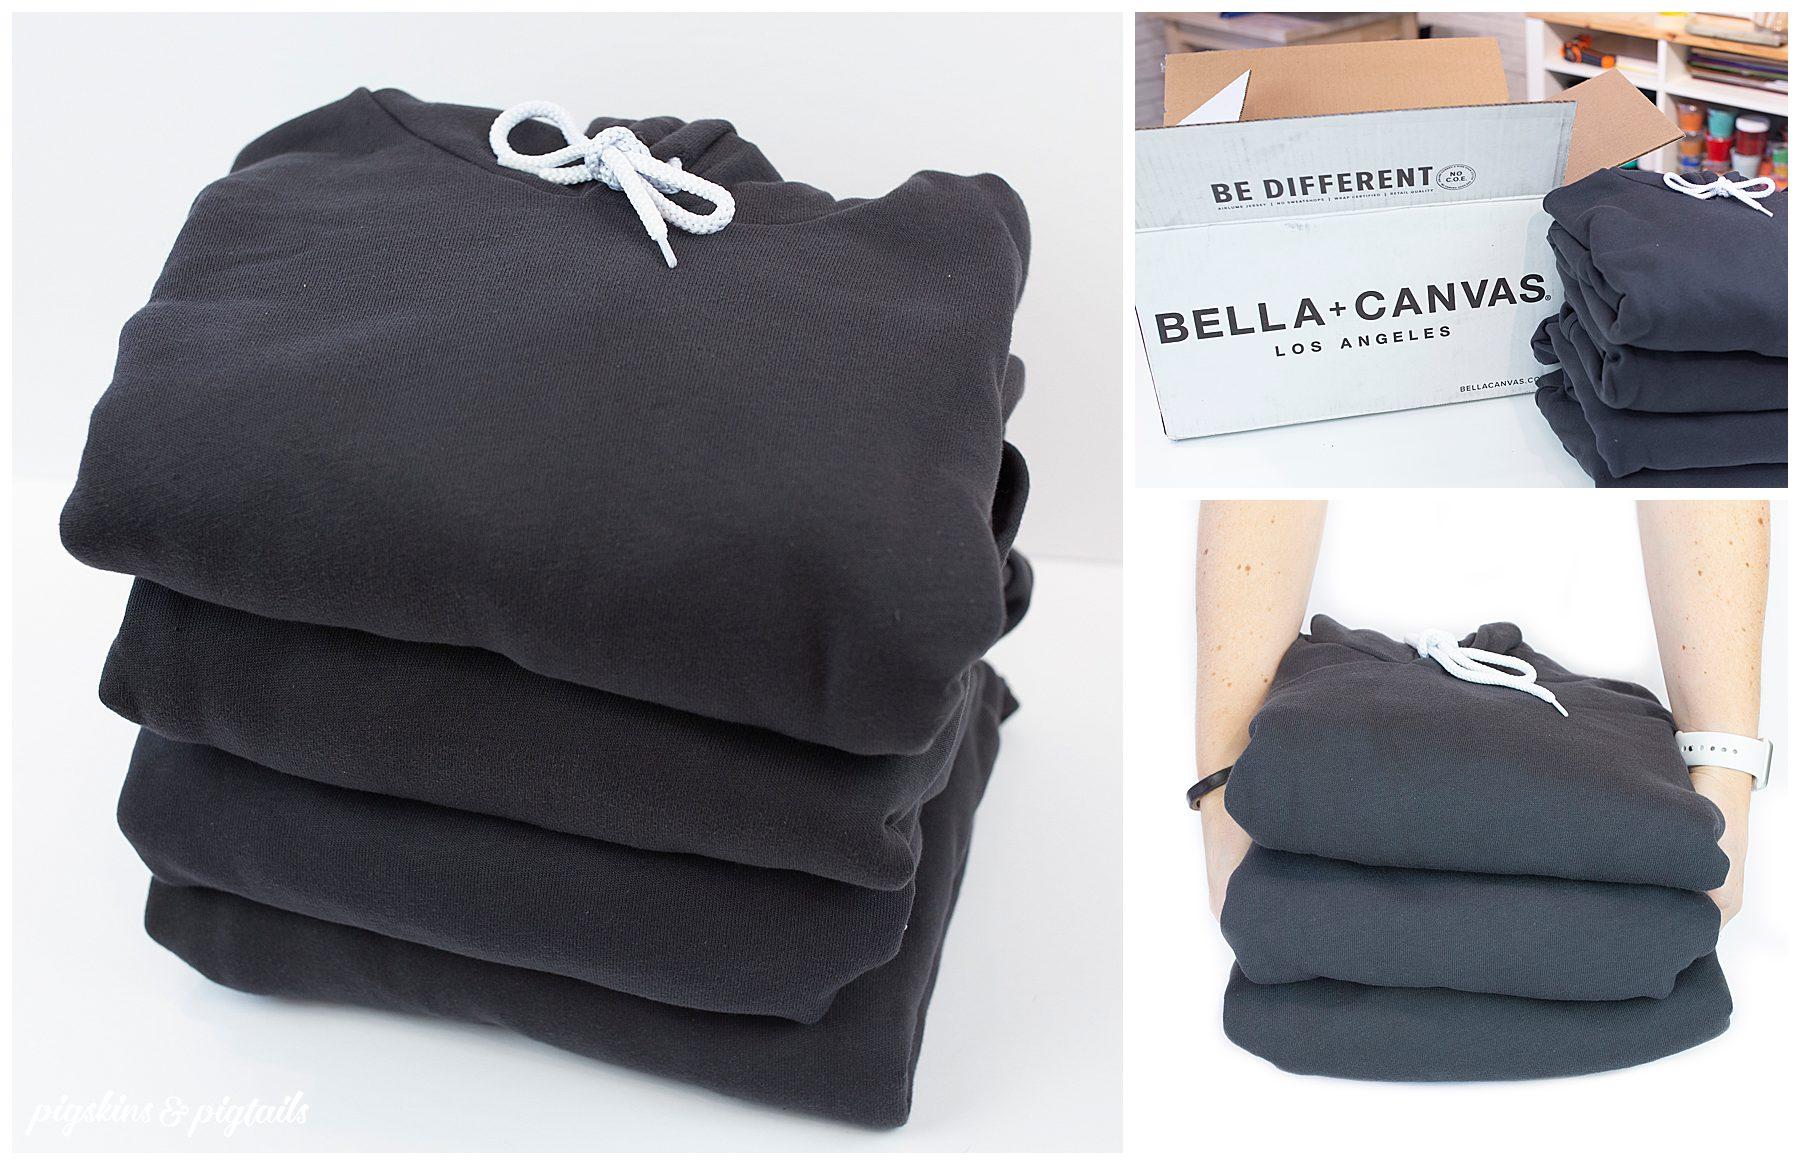 bella canvas street fleece hoodie screen printing